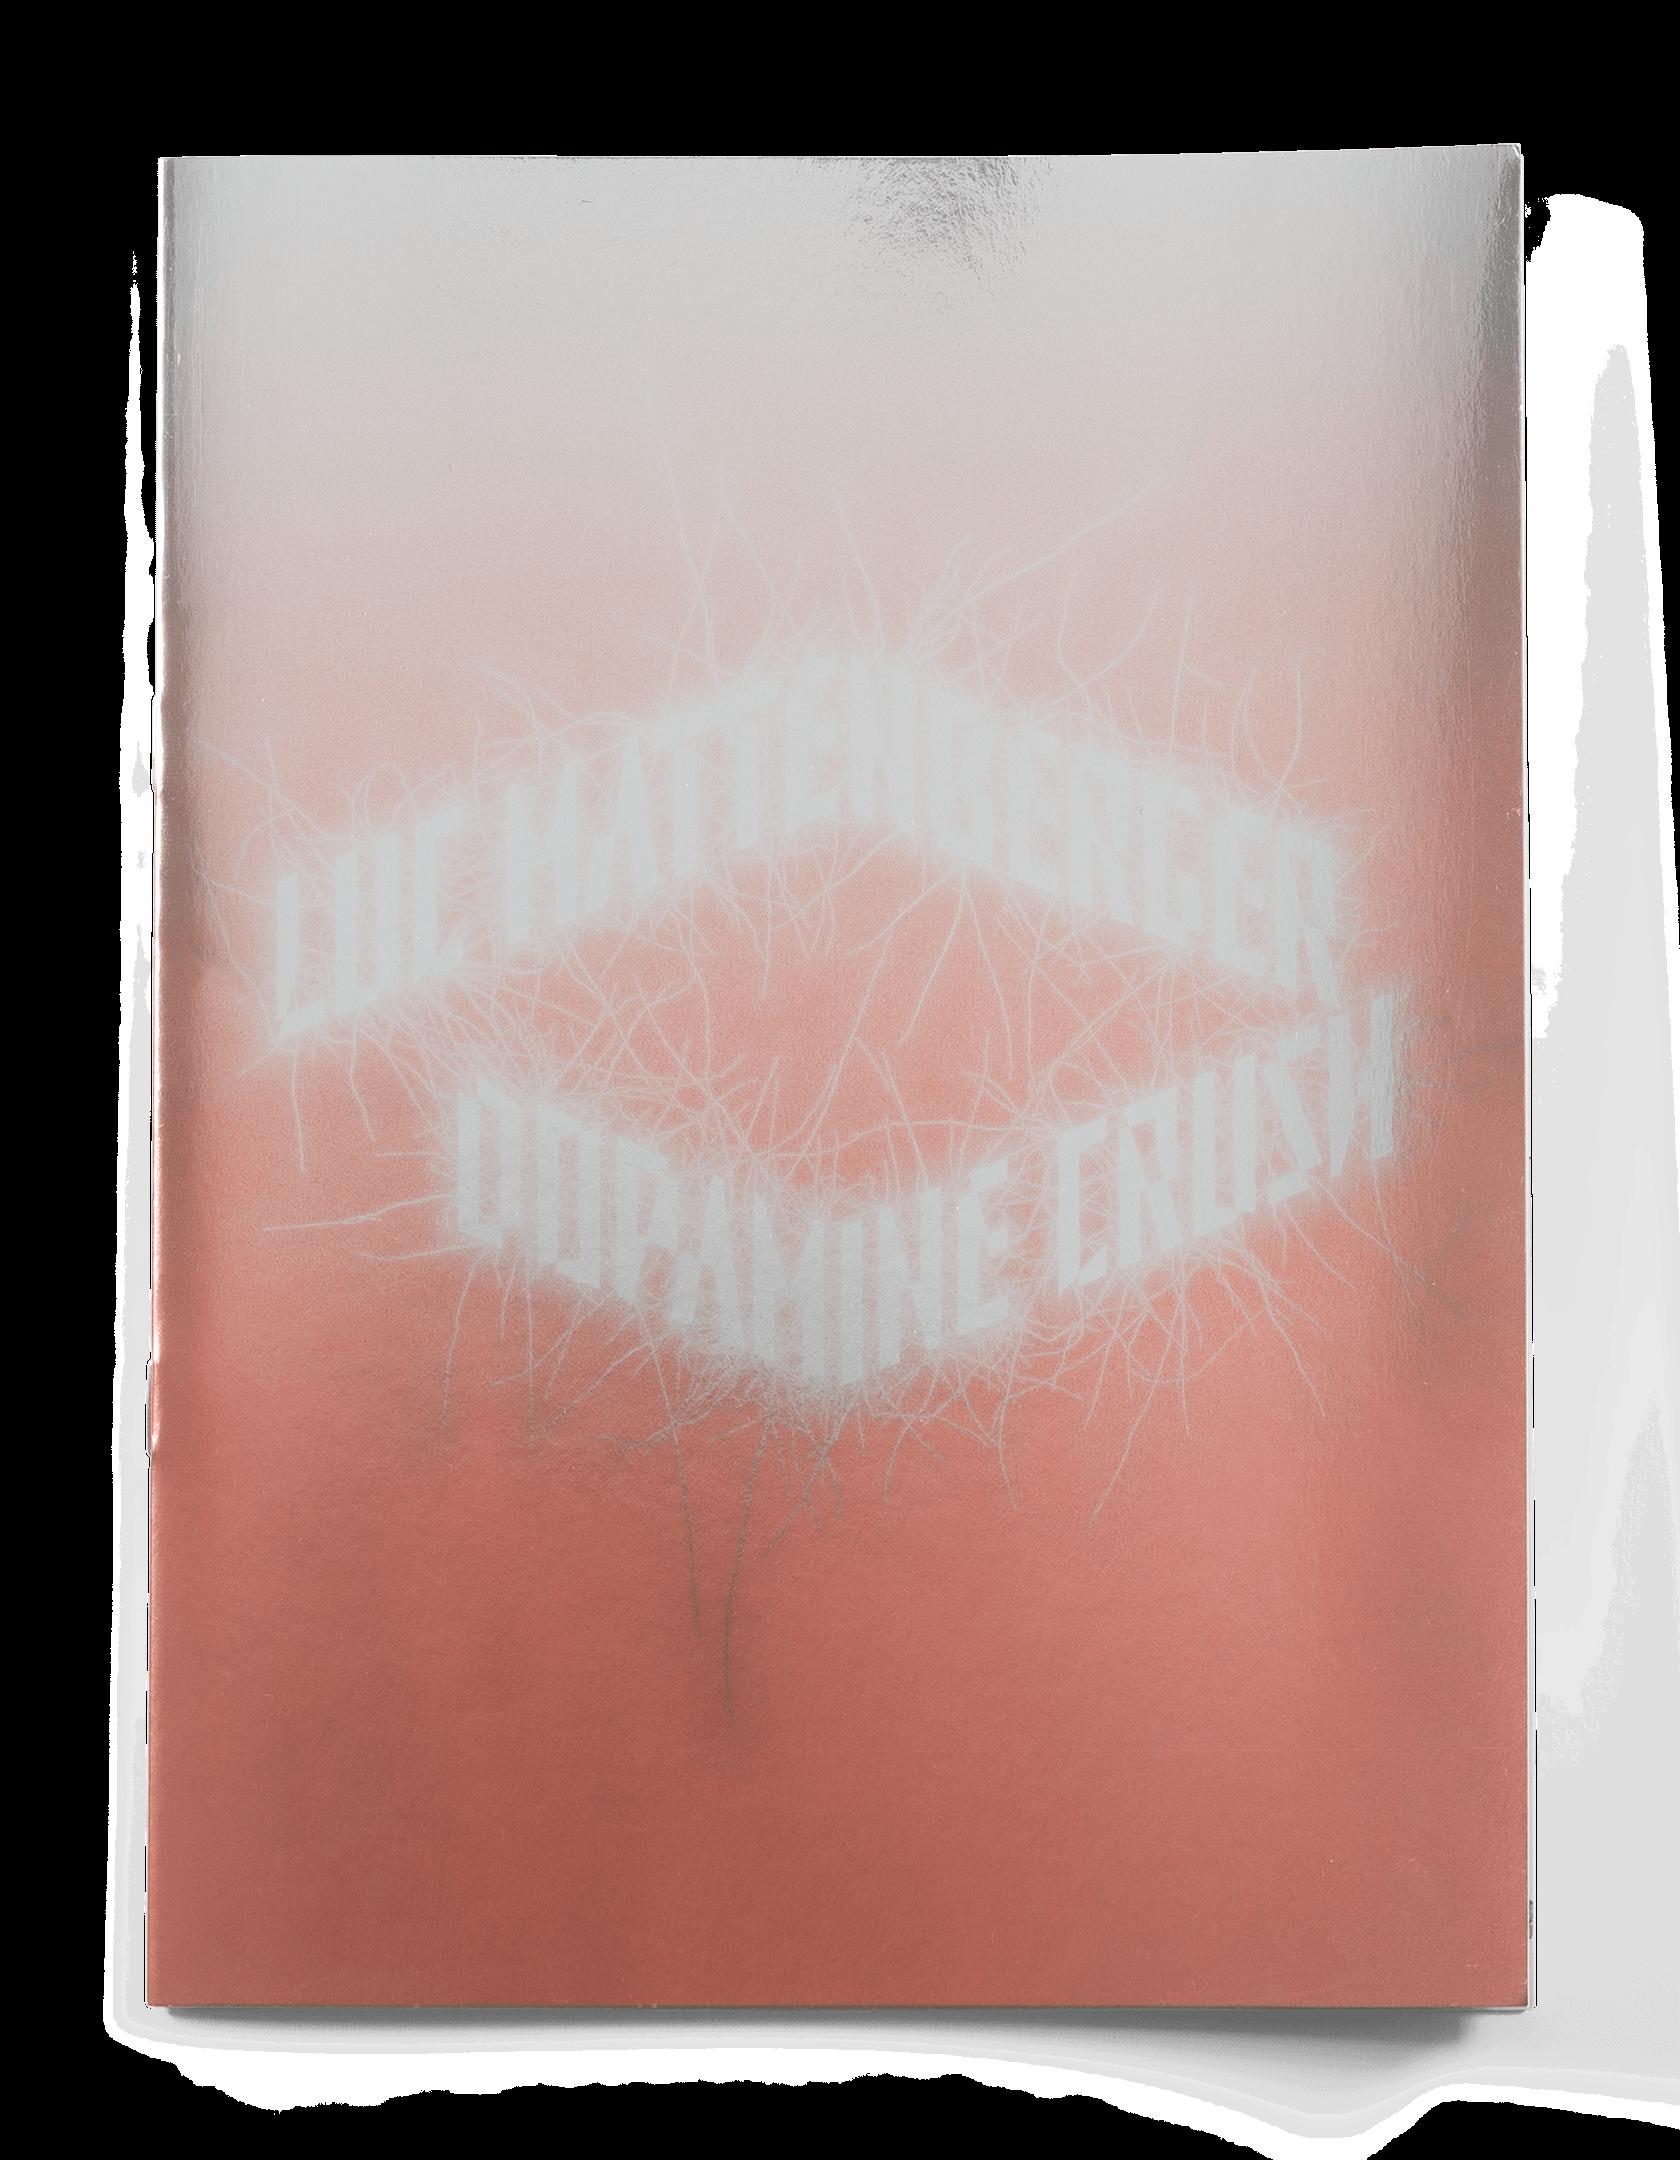 Couverture métallisée de la brochure Dopamine Crush